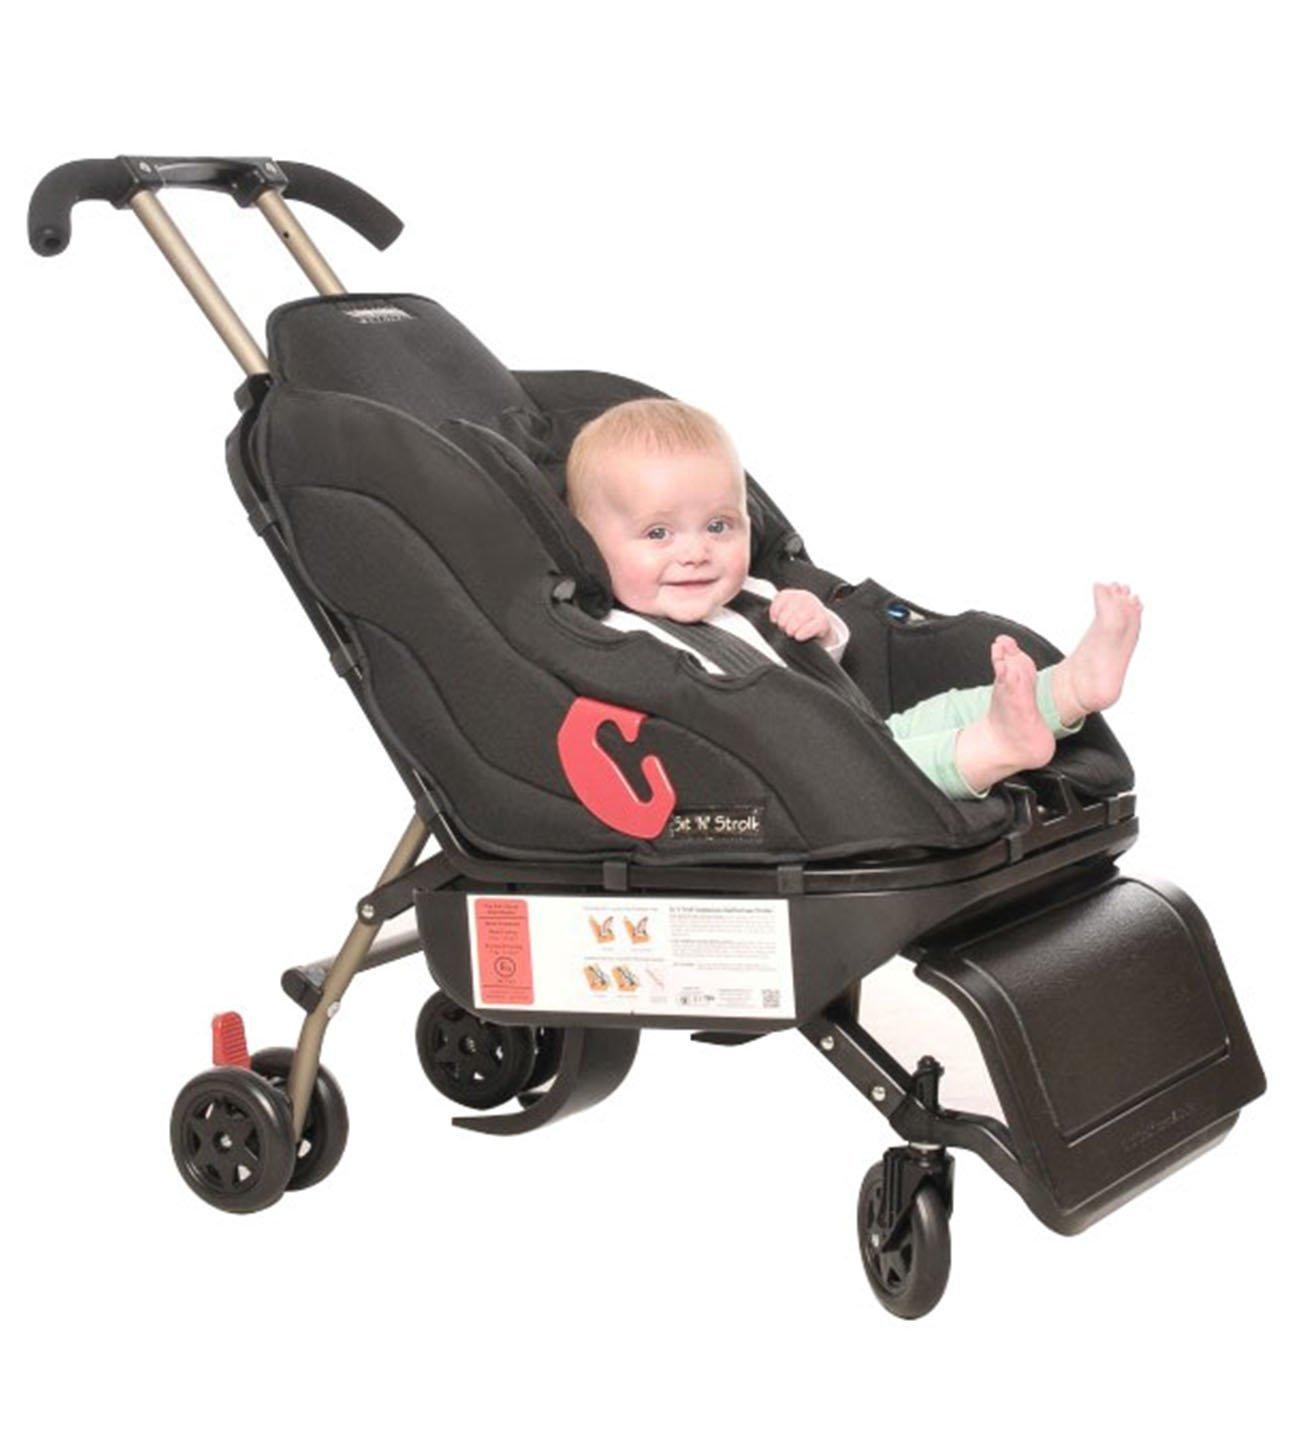 Sit 'N' Stroll 5 in 1 Baby Car Seat & Stroller